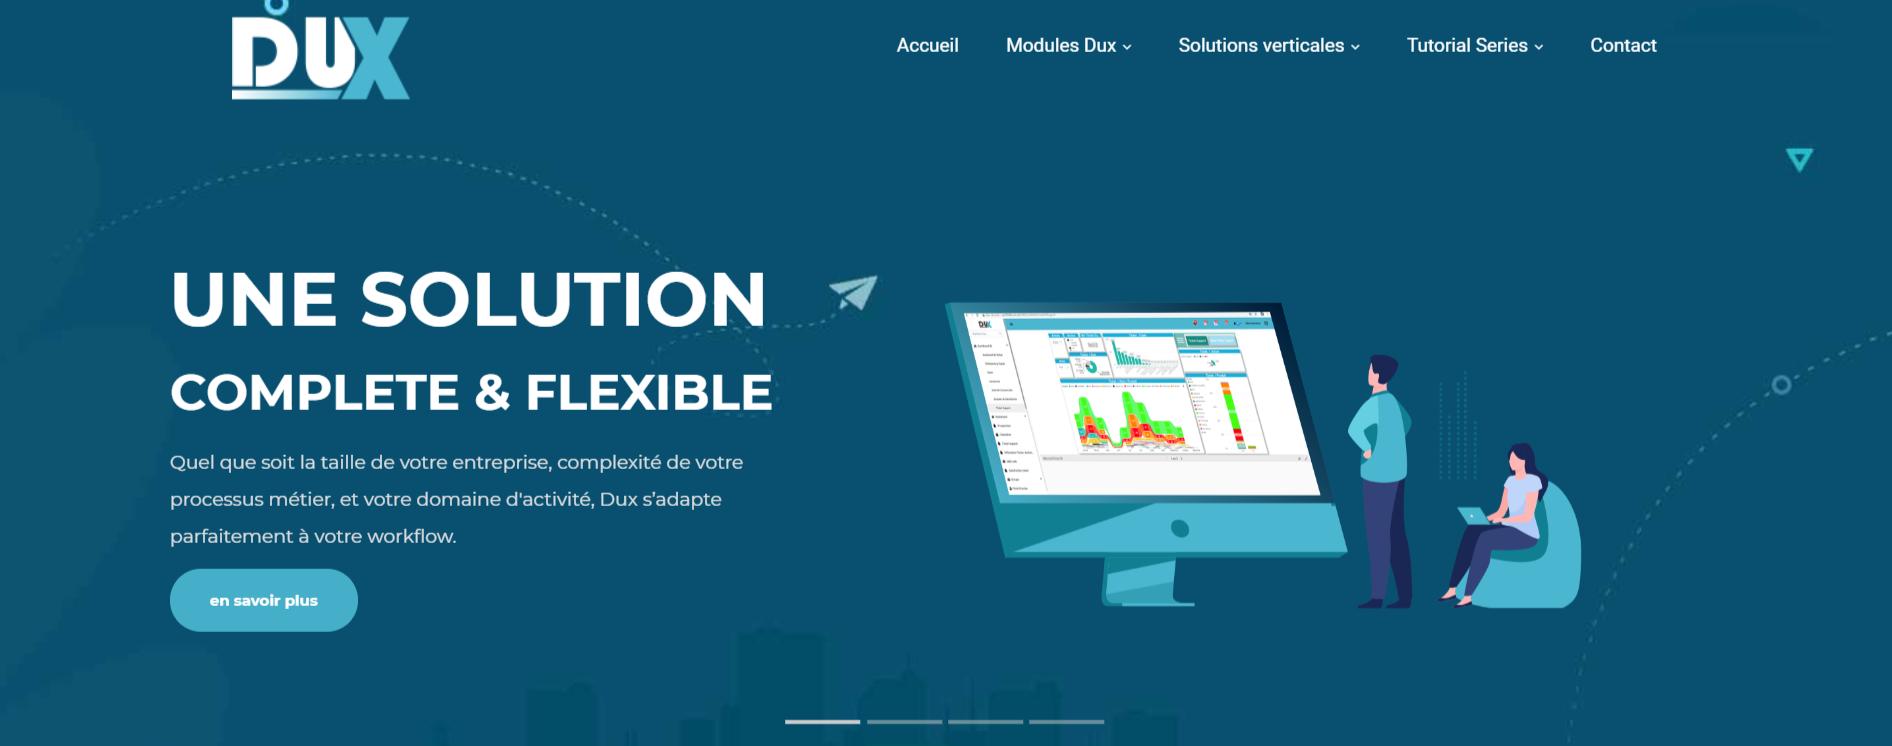 Nouveau concept du site web : Dux-erp.com